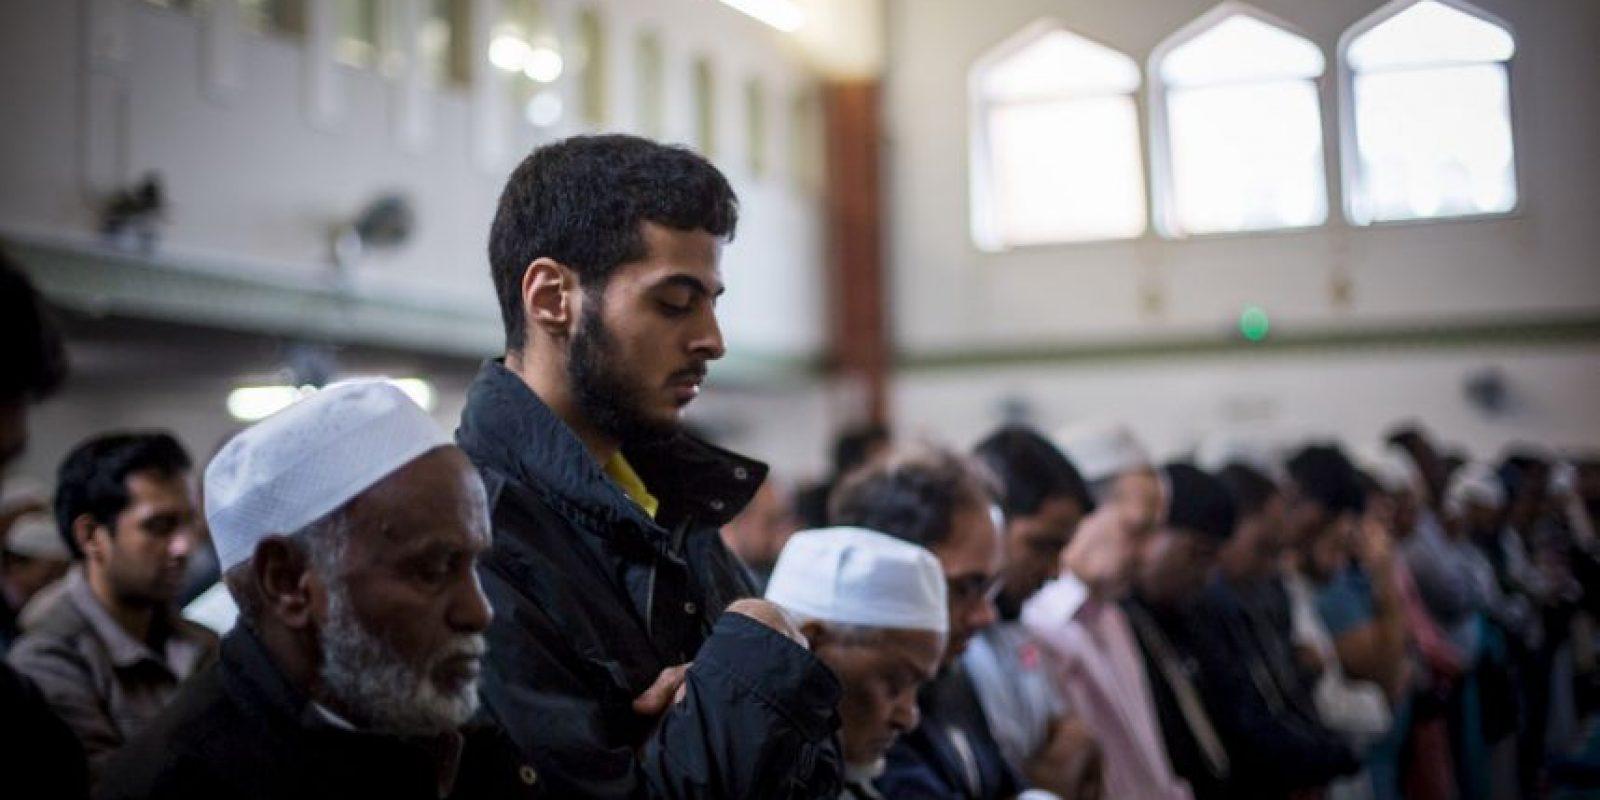 Anteriormente el precandidato también solicito más vigilancia en las mezquitas en Estados Unidos. Foto:Getty Images